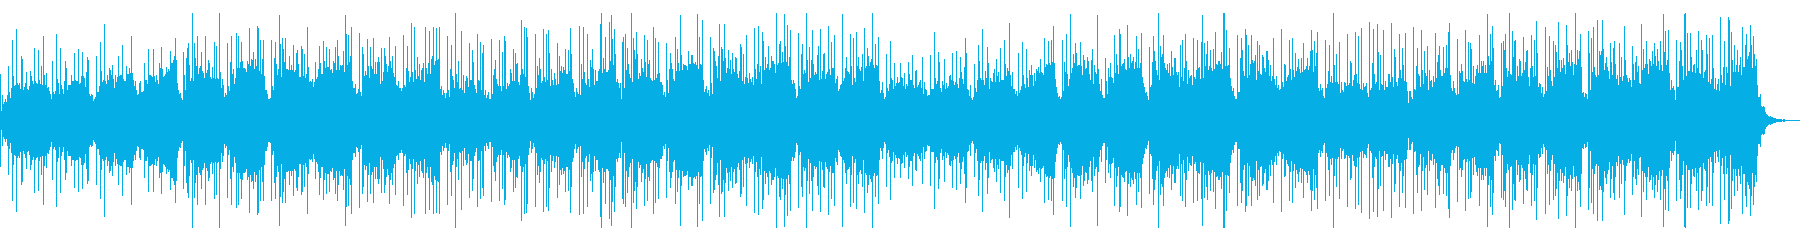 神秘的な終末世界をイメージしたBGMの再生済みの波形